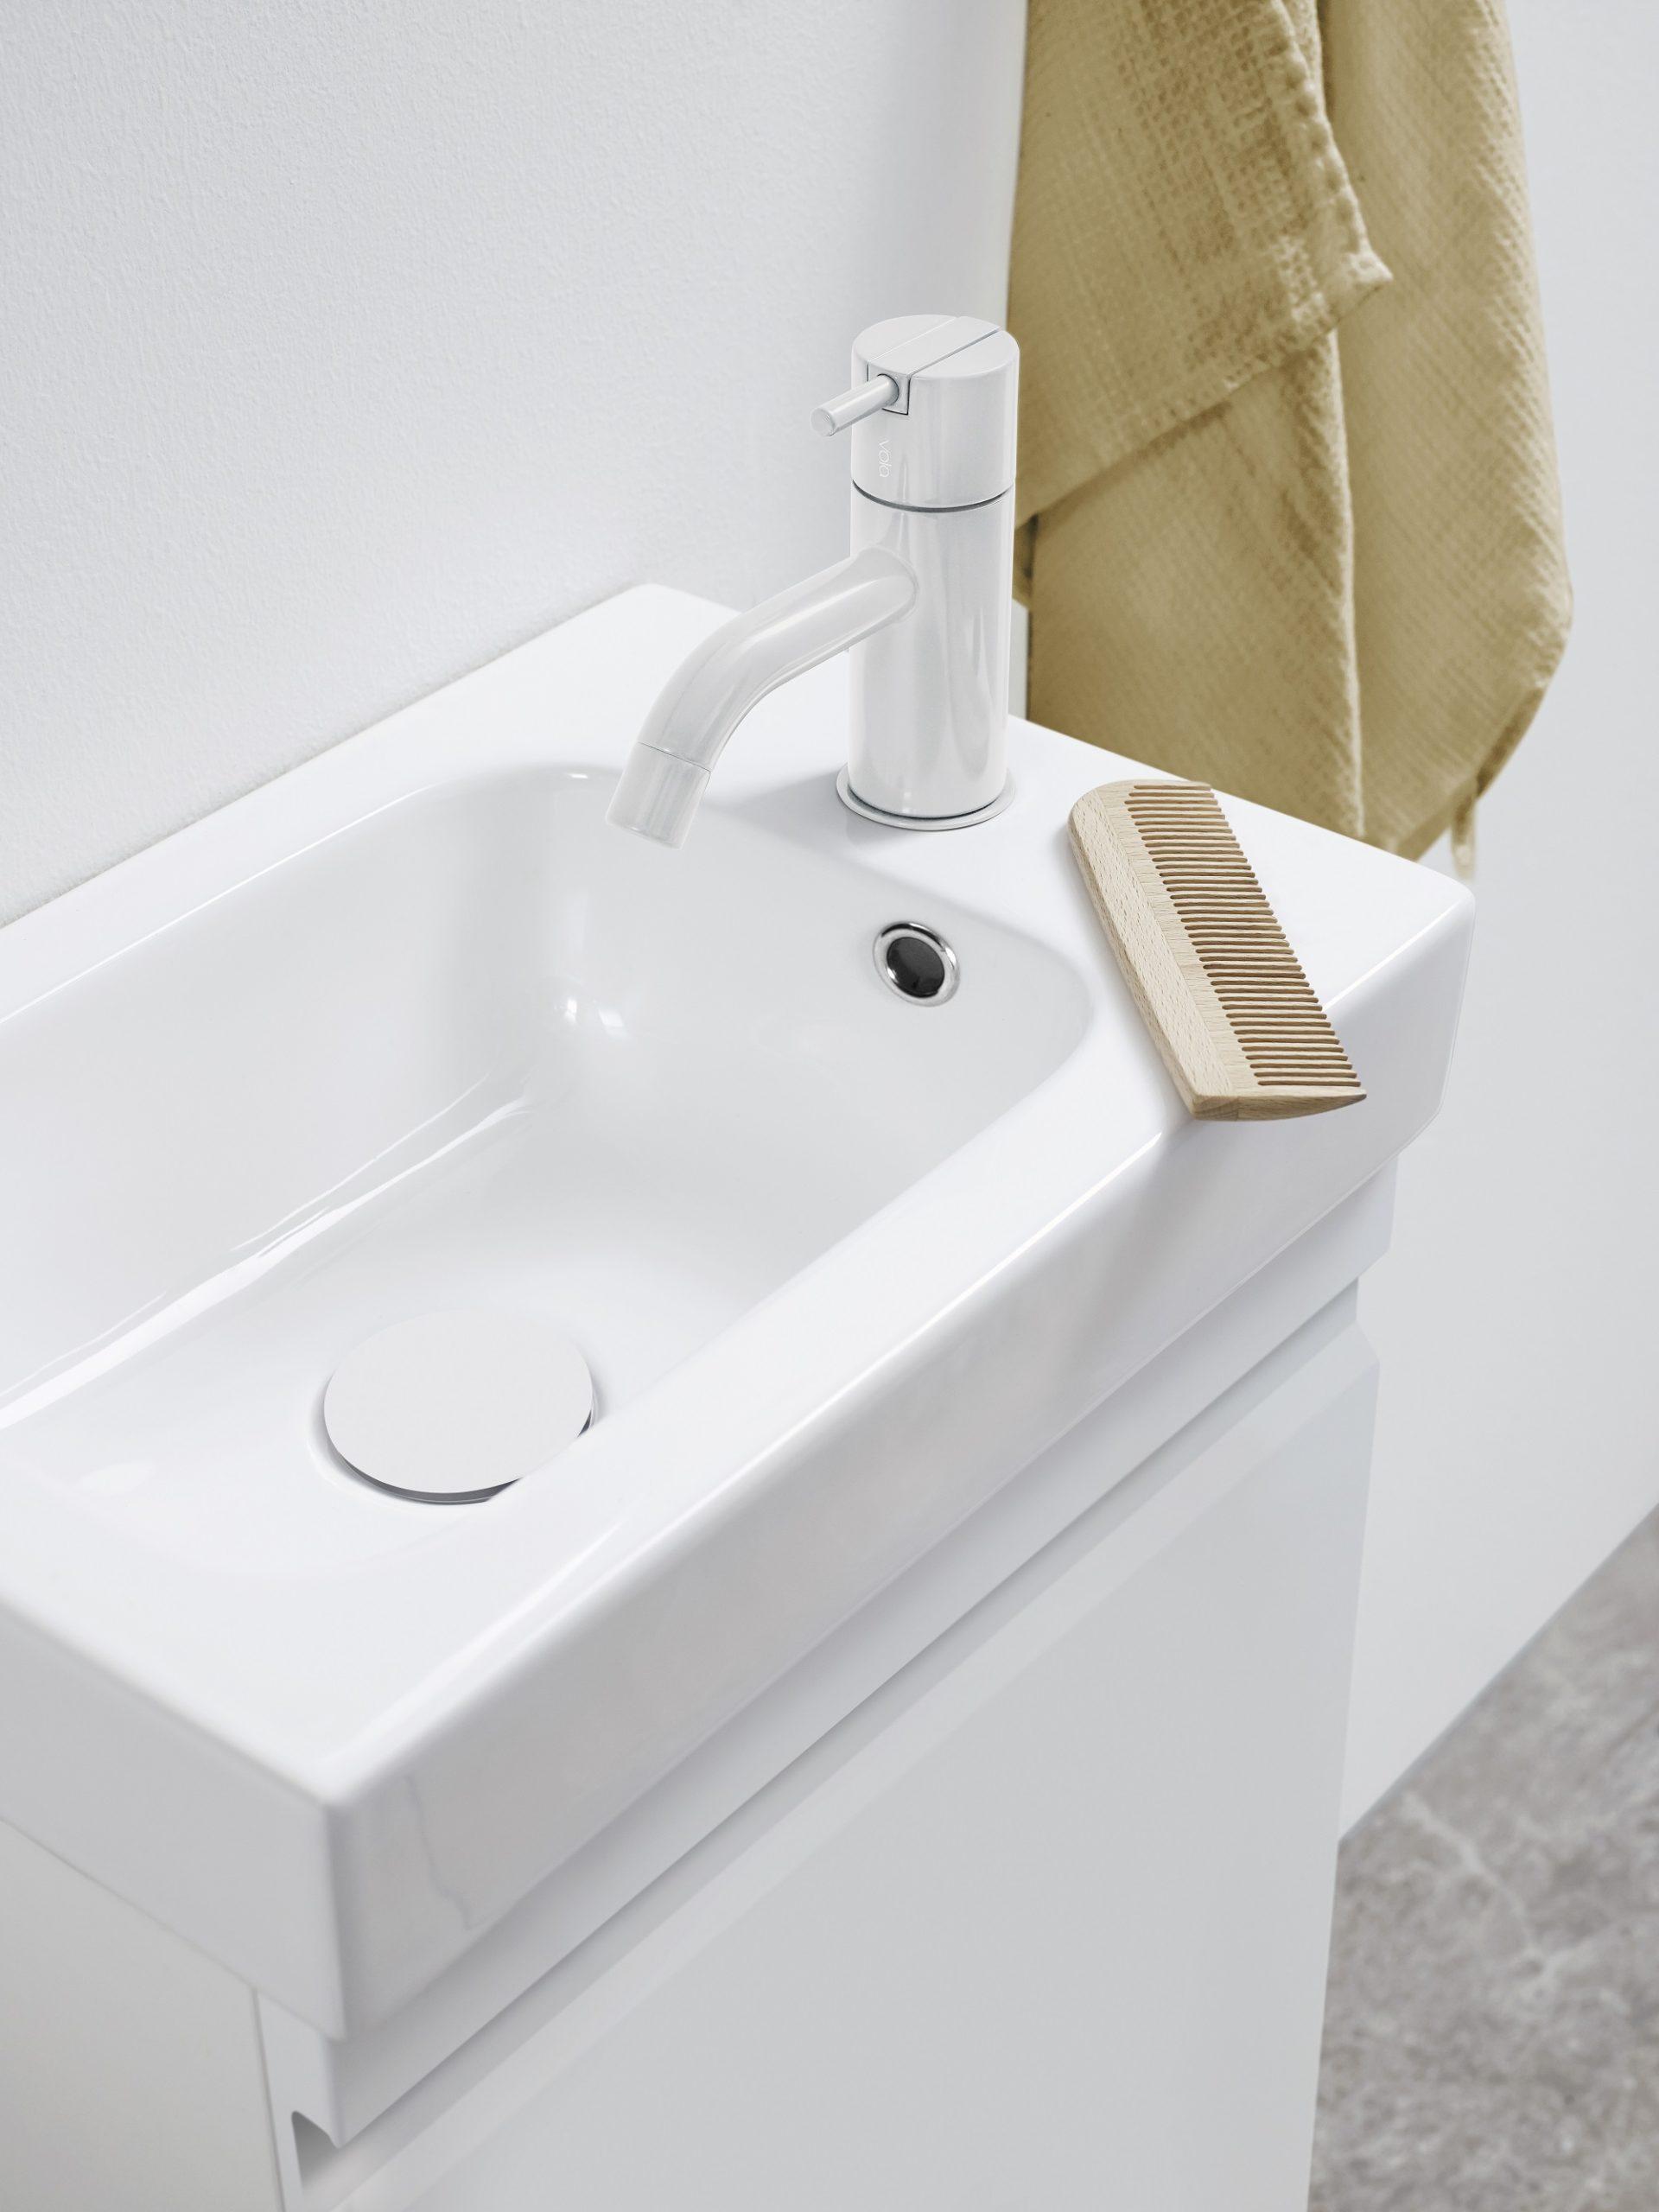 Schmale Waschtische für schmale Räume